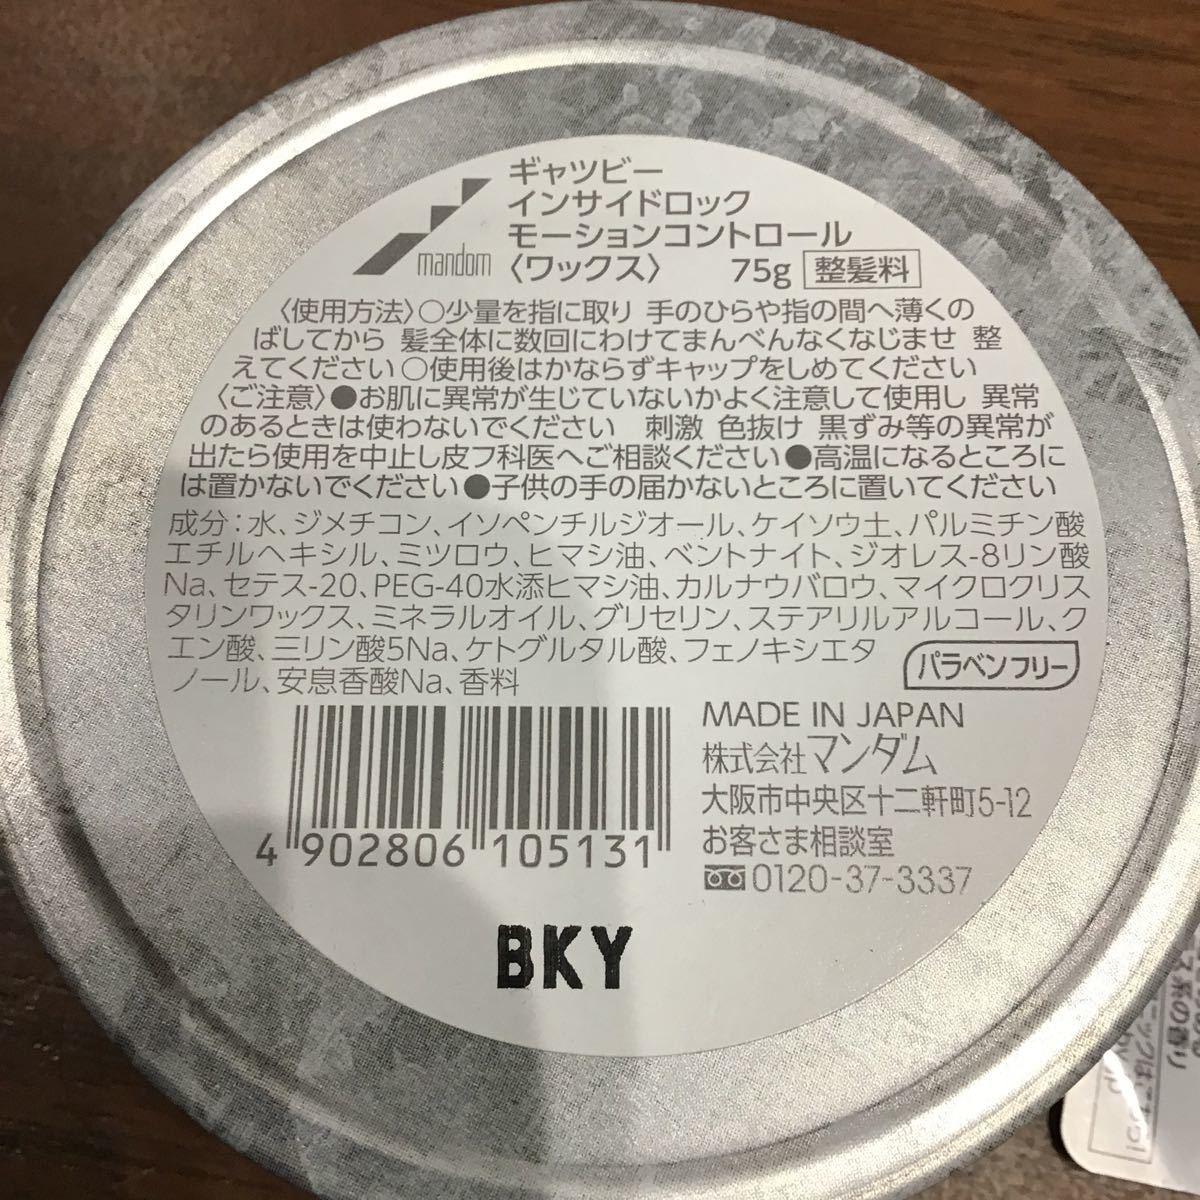 GATSBY (ギャツビー) ギャツビー インサイドロック モーションコントロール ワックス ヘアワックス 75g 2個